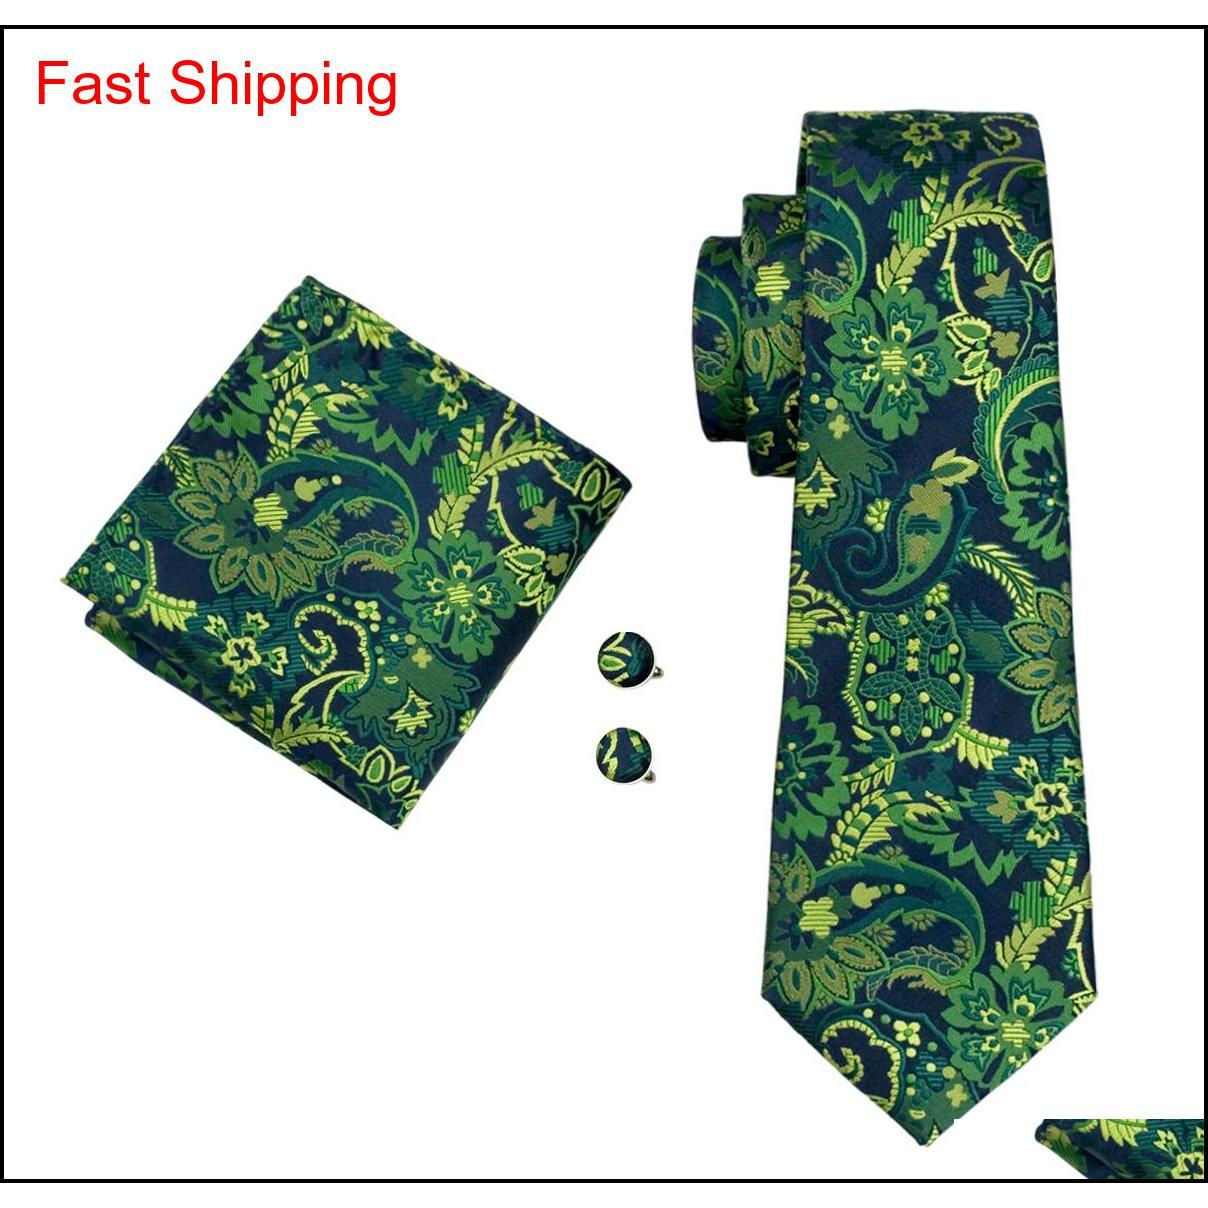 Classic Silk Hommes Cravates vertes Ensembles de cravate Floral Hommes Cravate Cravate Hanky Boutons de manchette Ensemble Jacquard Woven Business Business Qylafq Homes2007